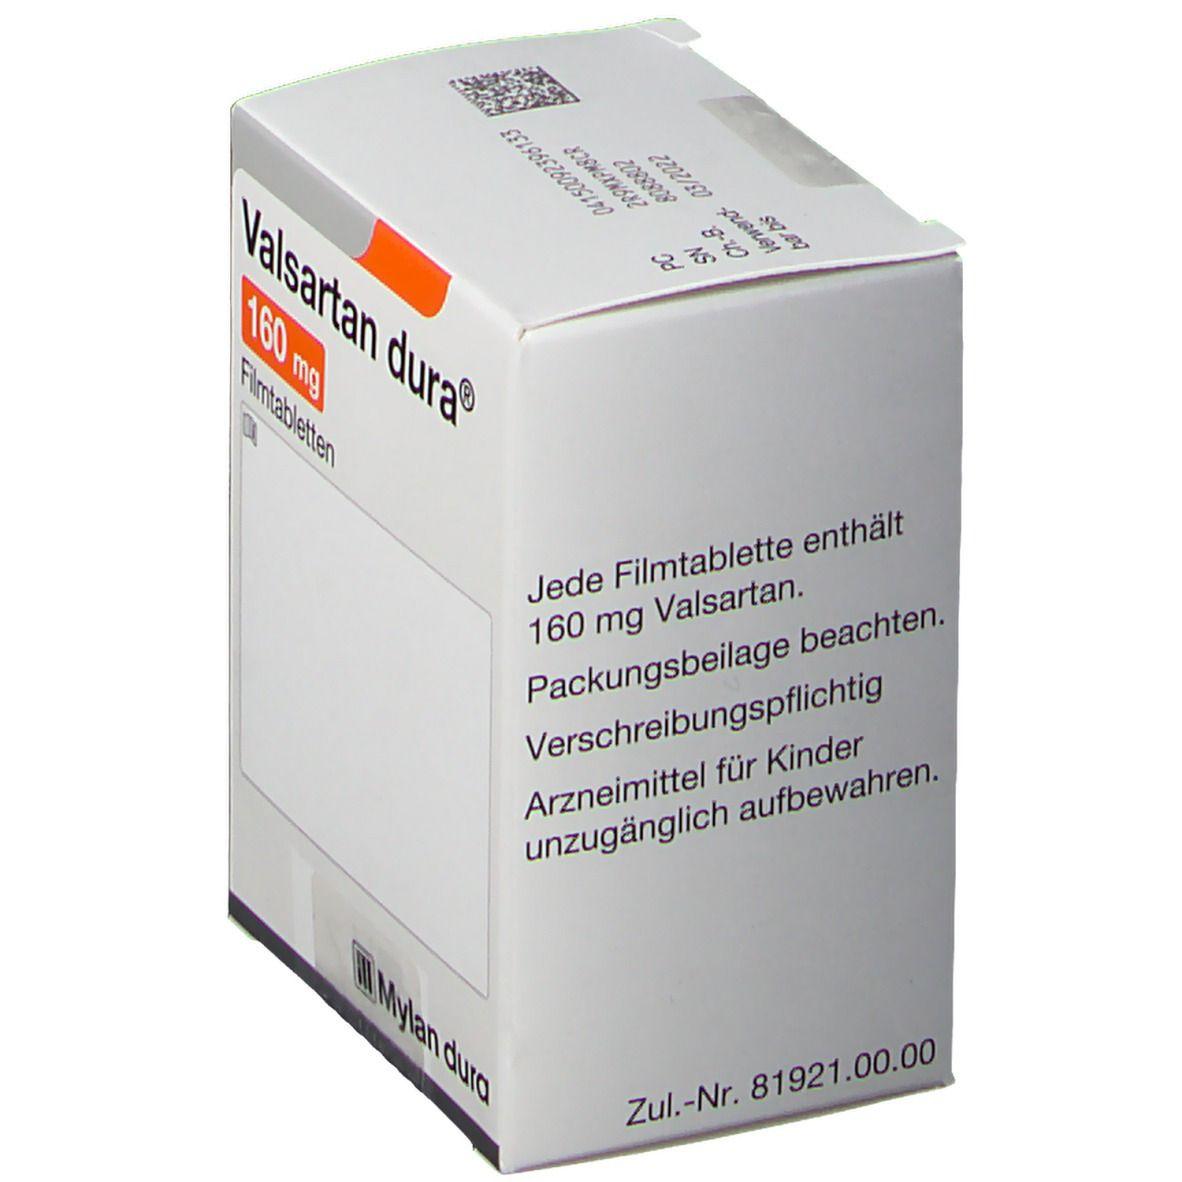 VALSARTAN dura 160 mg Filmtabletten